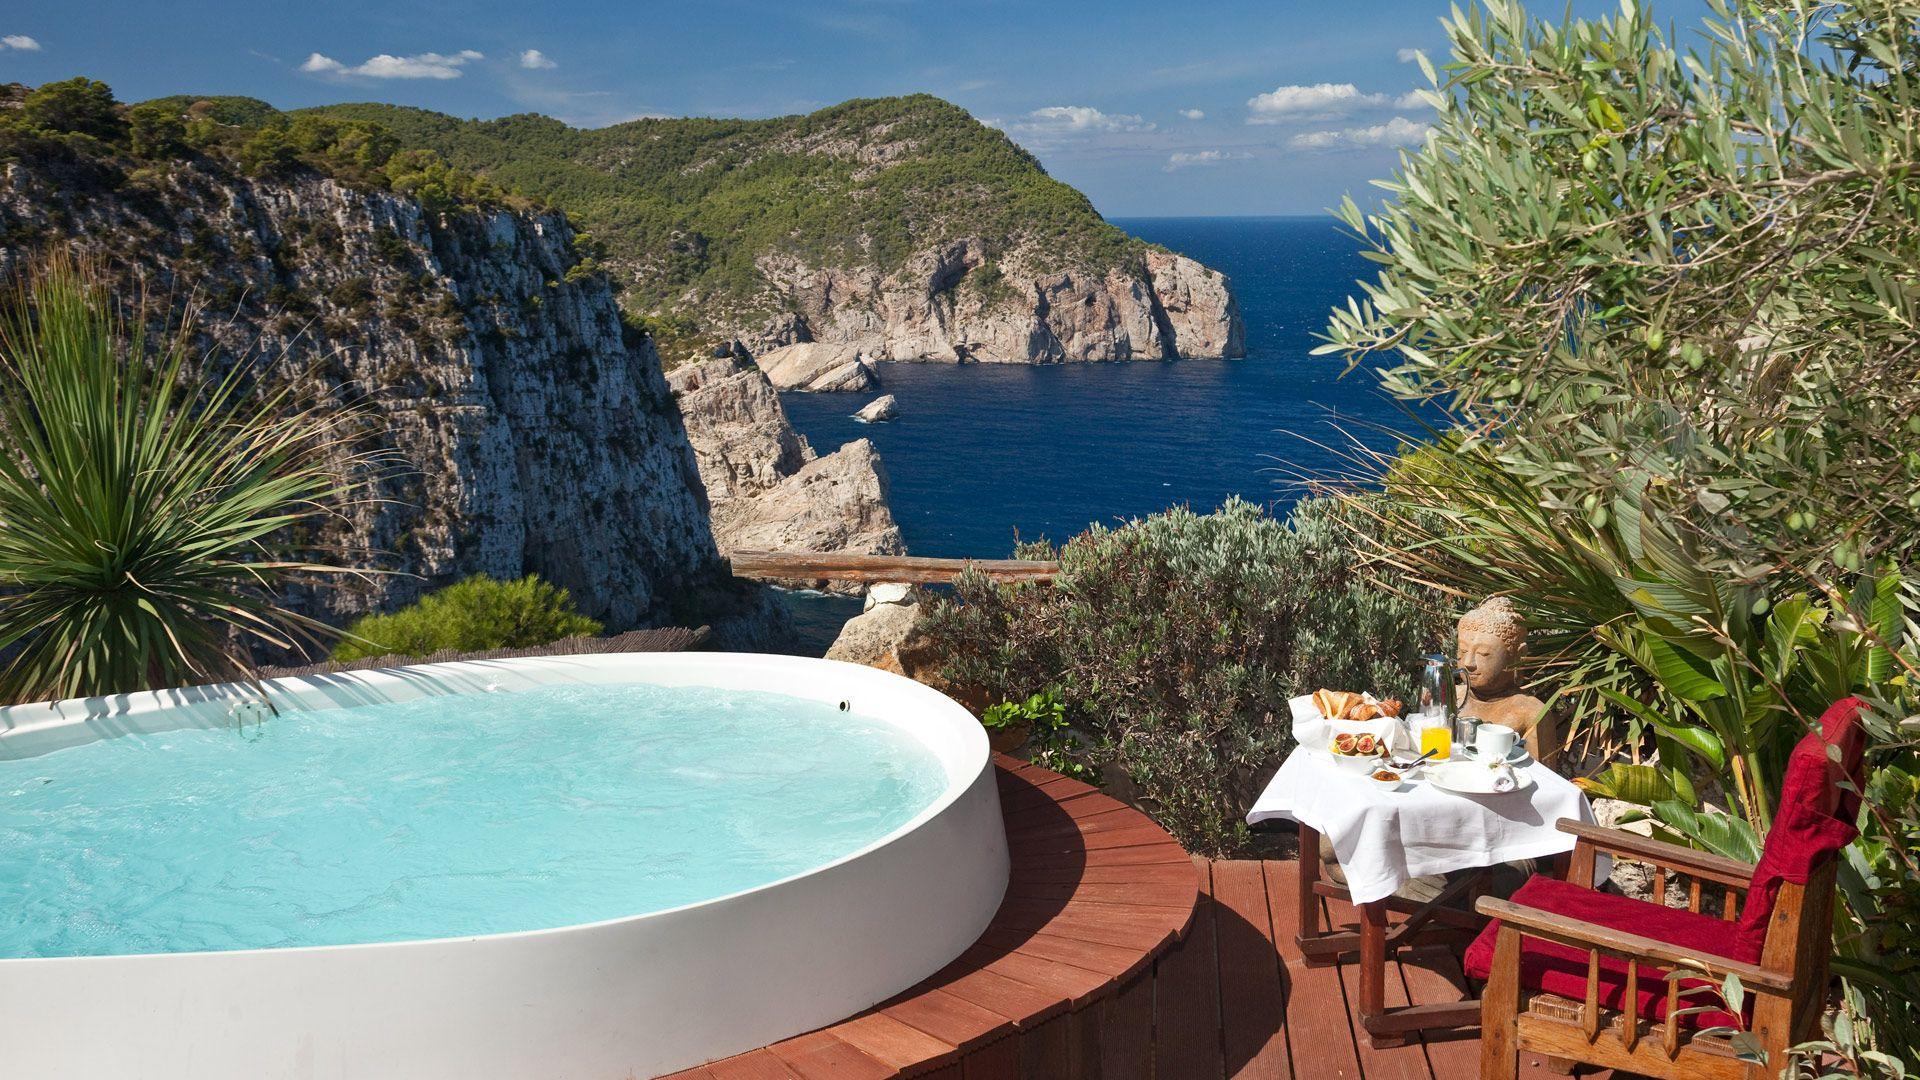 Hotel Spa De Lujo En Ibiza Hacienda Na Xamena Off The Coast Of Spain